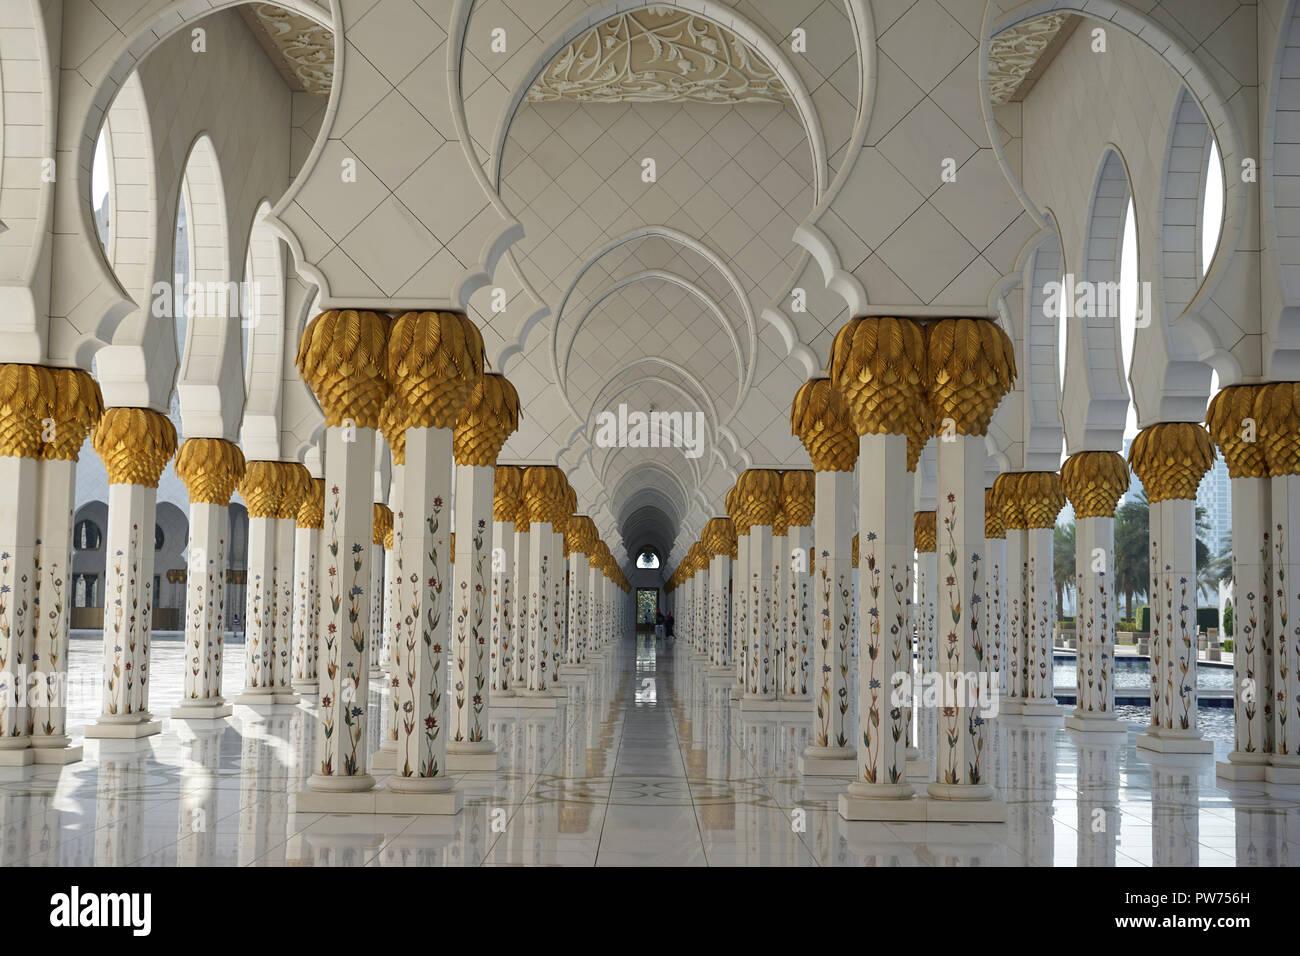 Säulengang, Sheikh-Zayed-Moschee, Scheich-Zayid-Moschee, Abu Dhabi, Emirat Abu Dhabi, Vereinigte Arabische Emirate, Asien - Stock Image